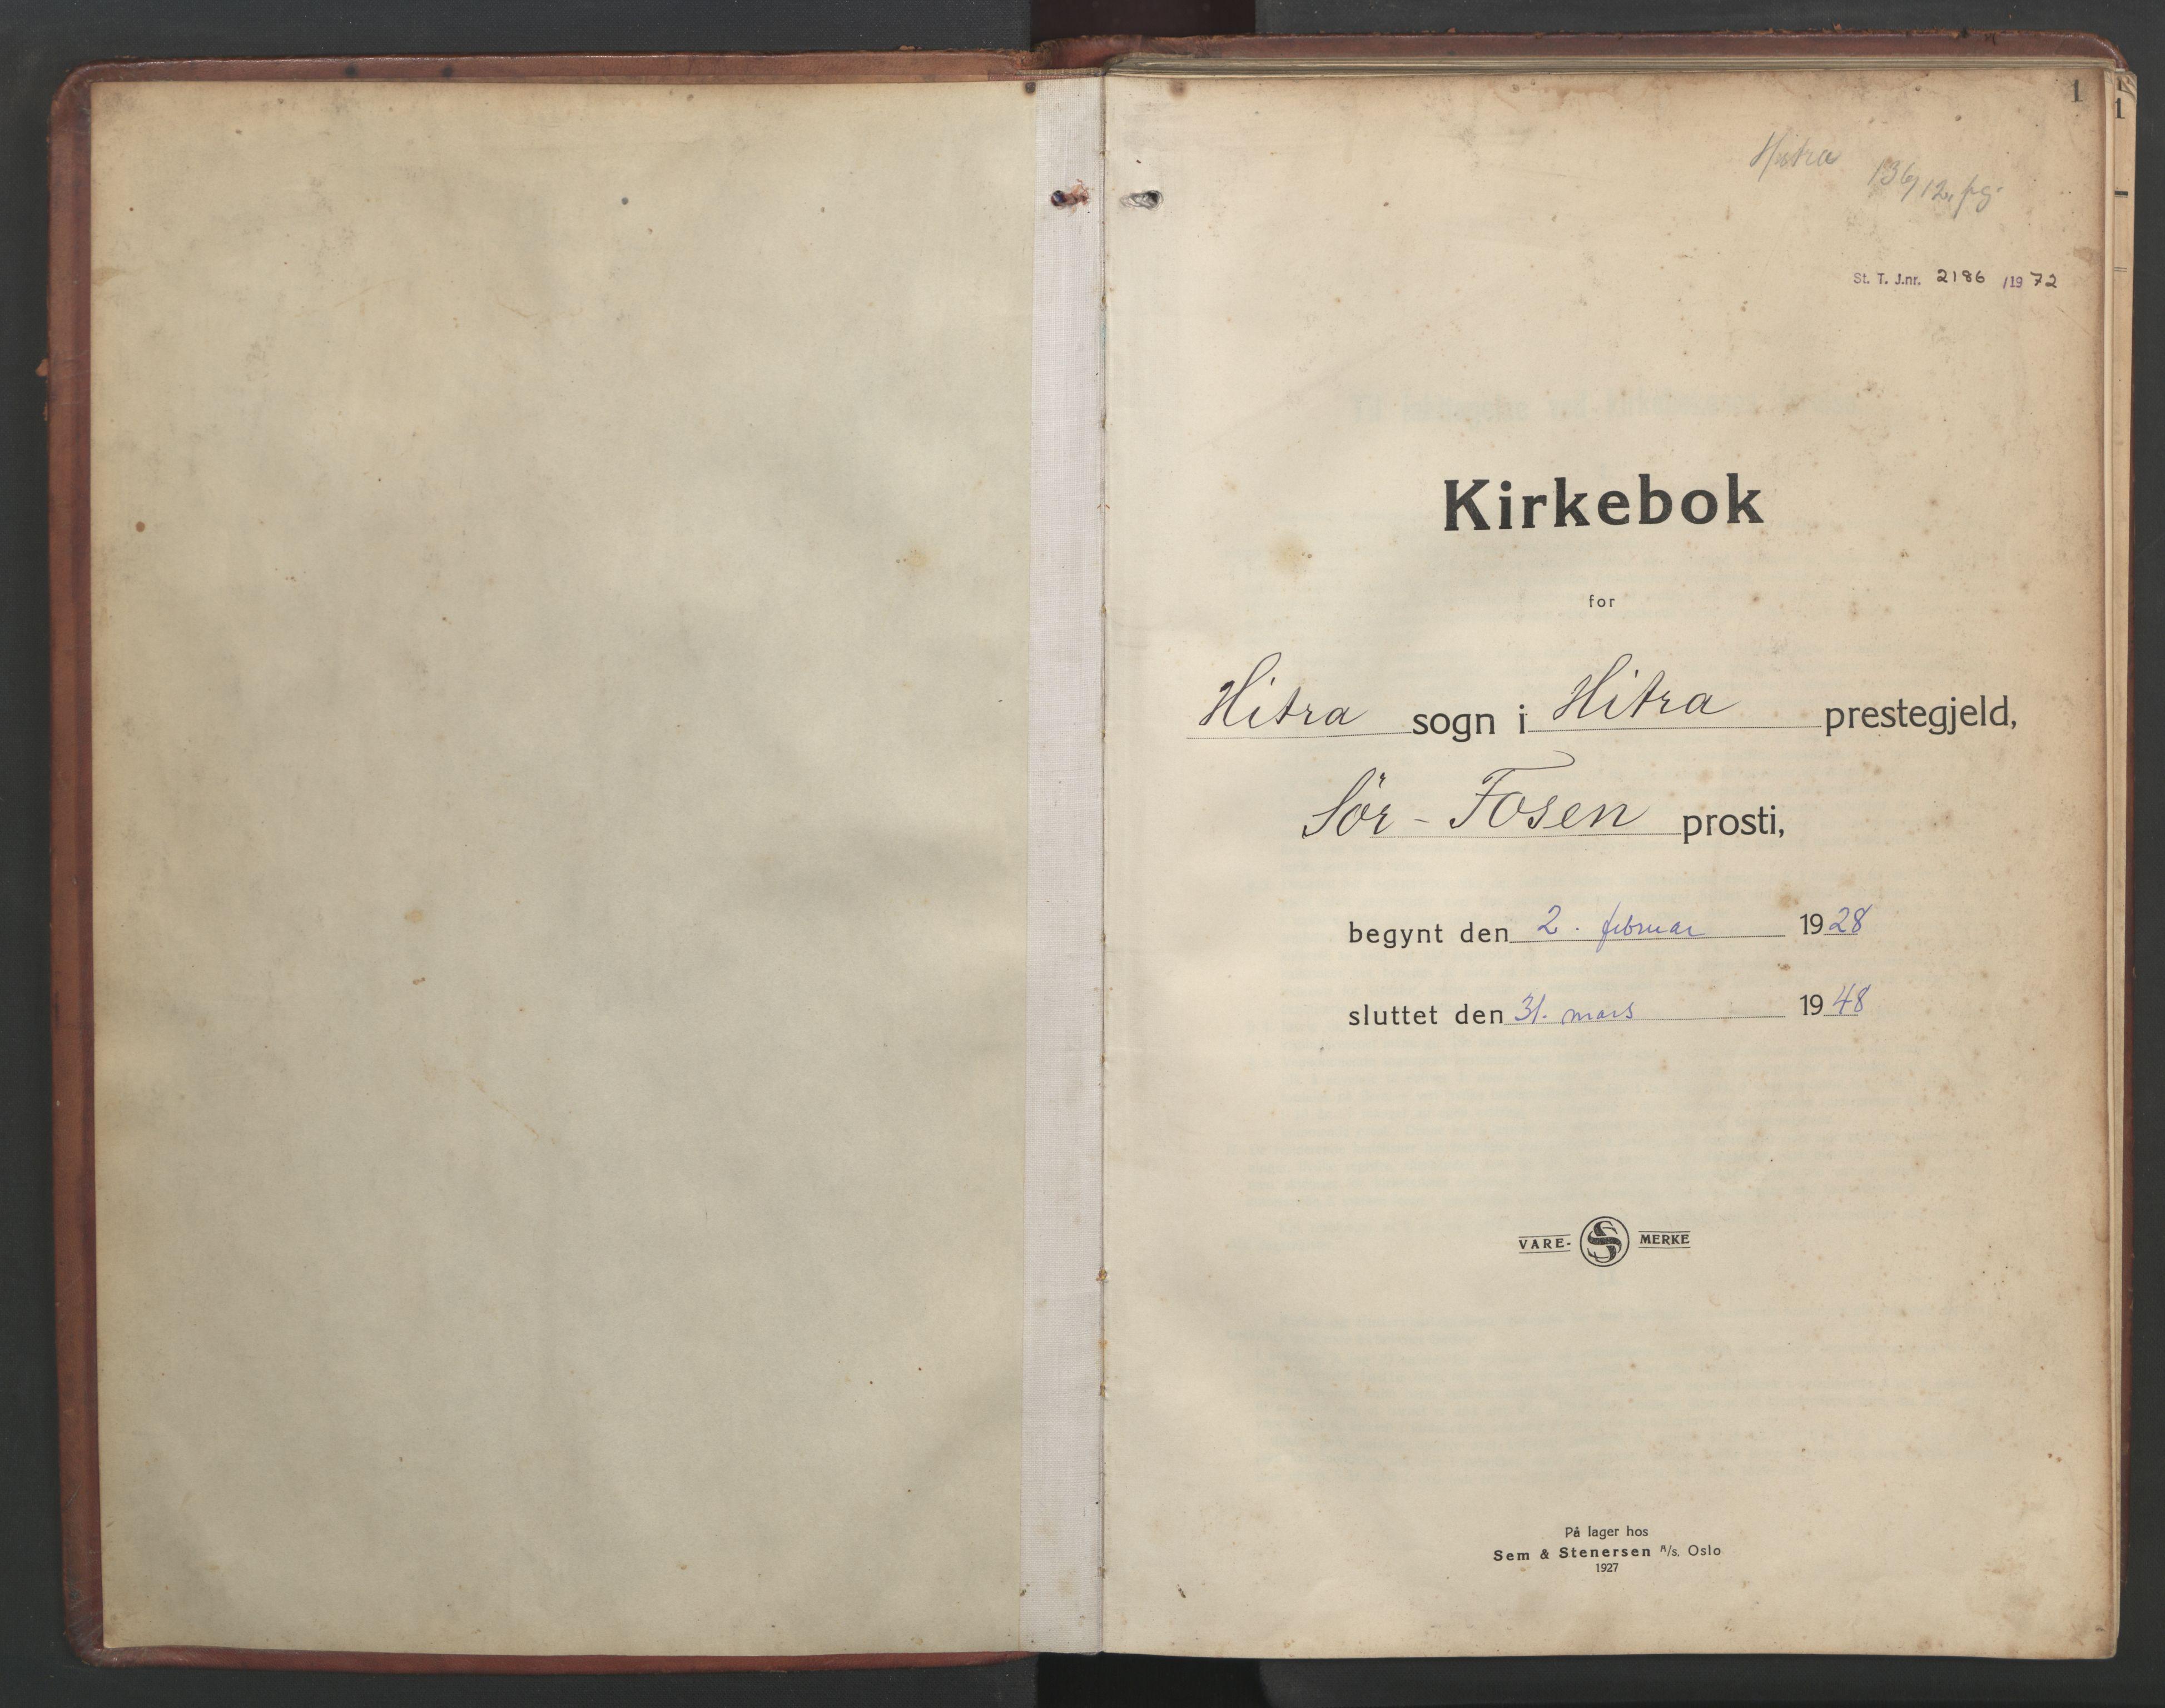 SAT, Ministerialprotokoller, klokkerbøker og fødselsregistre - Sør-Trøndelag, 634/L0544: Klokkerbok nr. 634C06, 1927-1948, s. 1